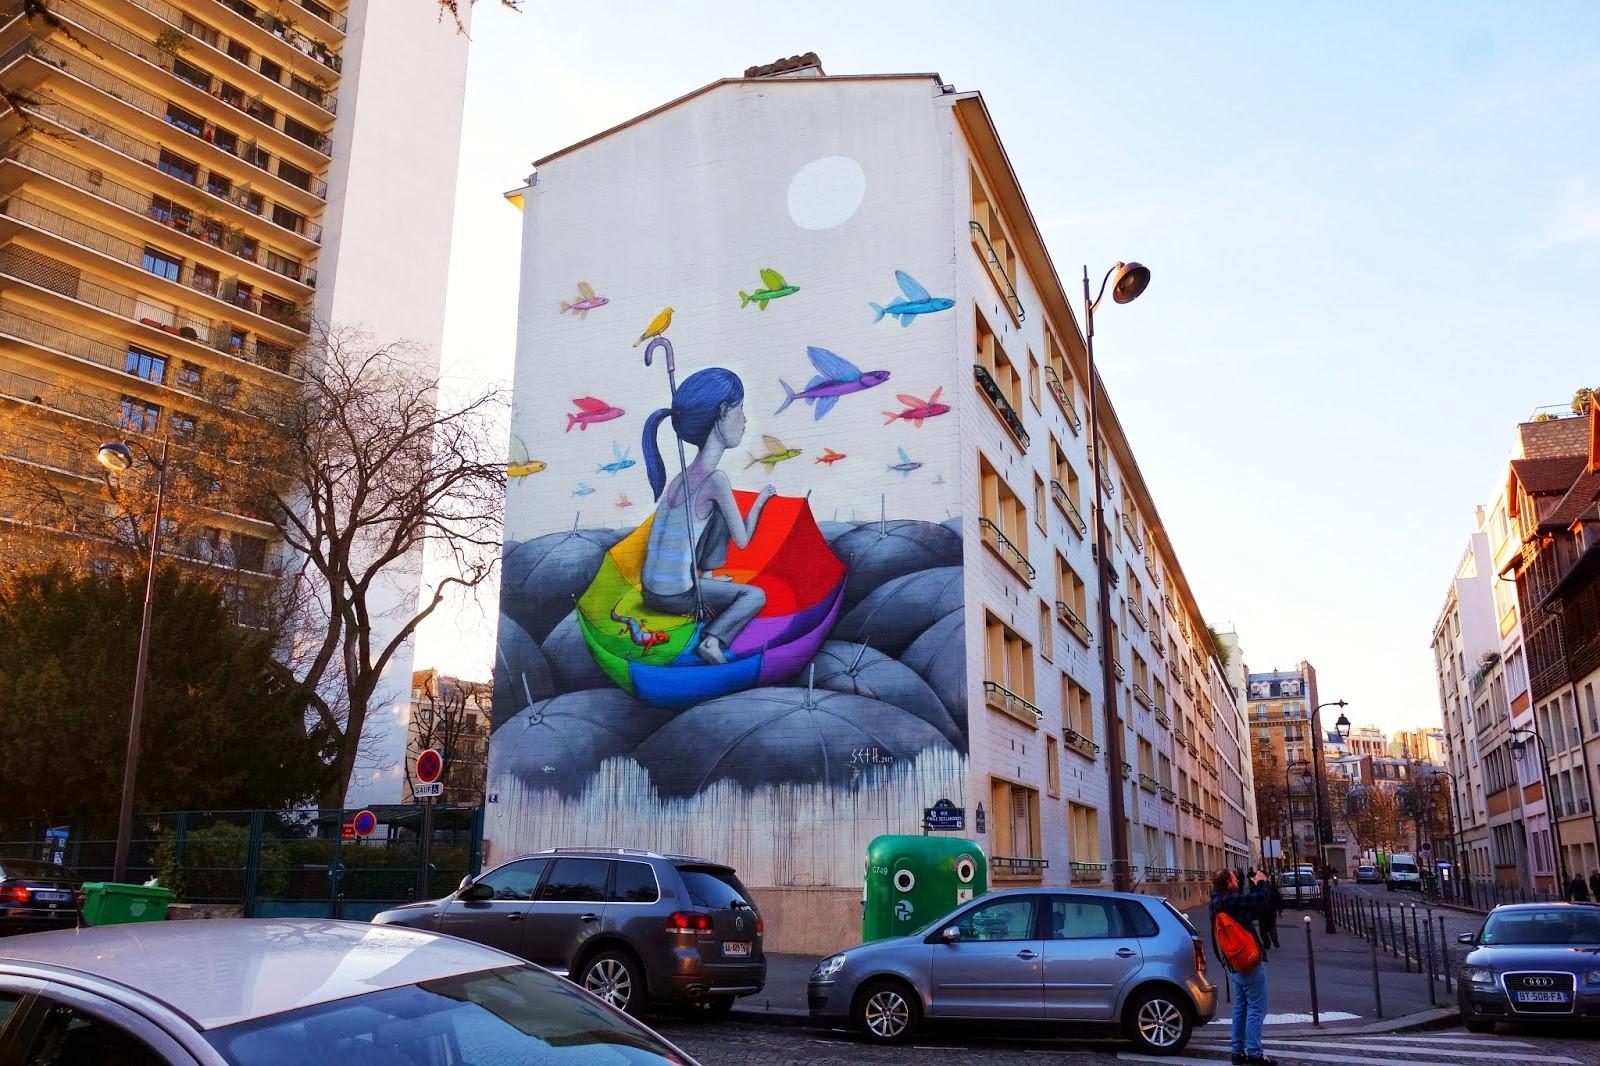 les murs peints du 13 me arrondissement de paris toute une histoire entre les lignes entre. Black Bedroom Furniture Sets. Home Design Ideas